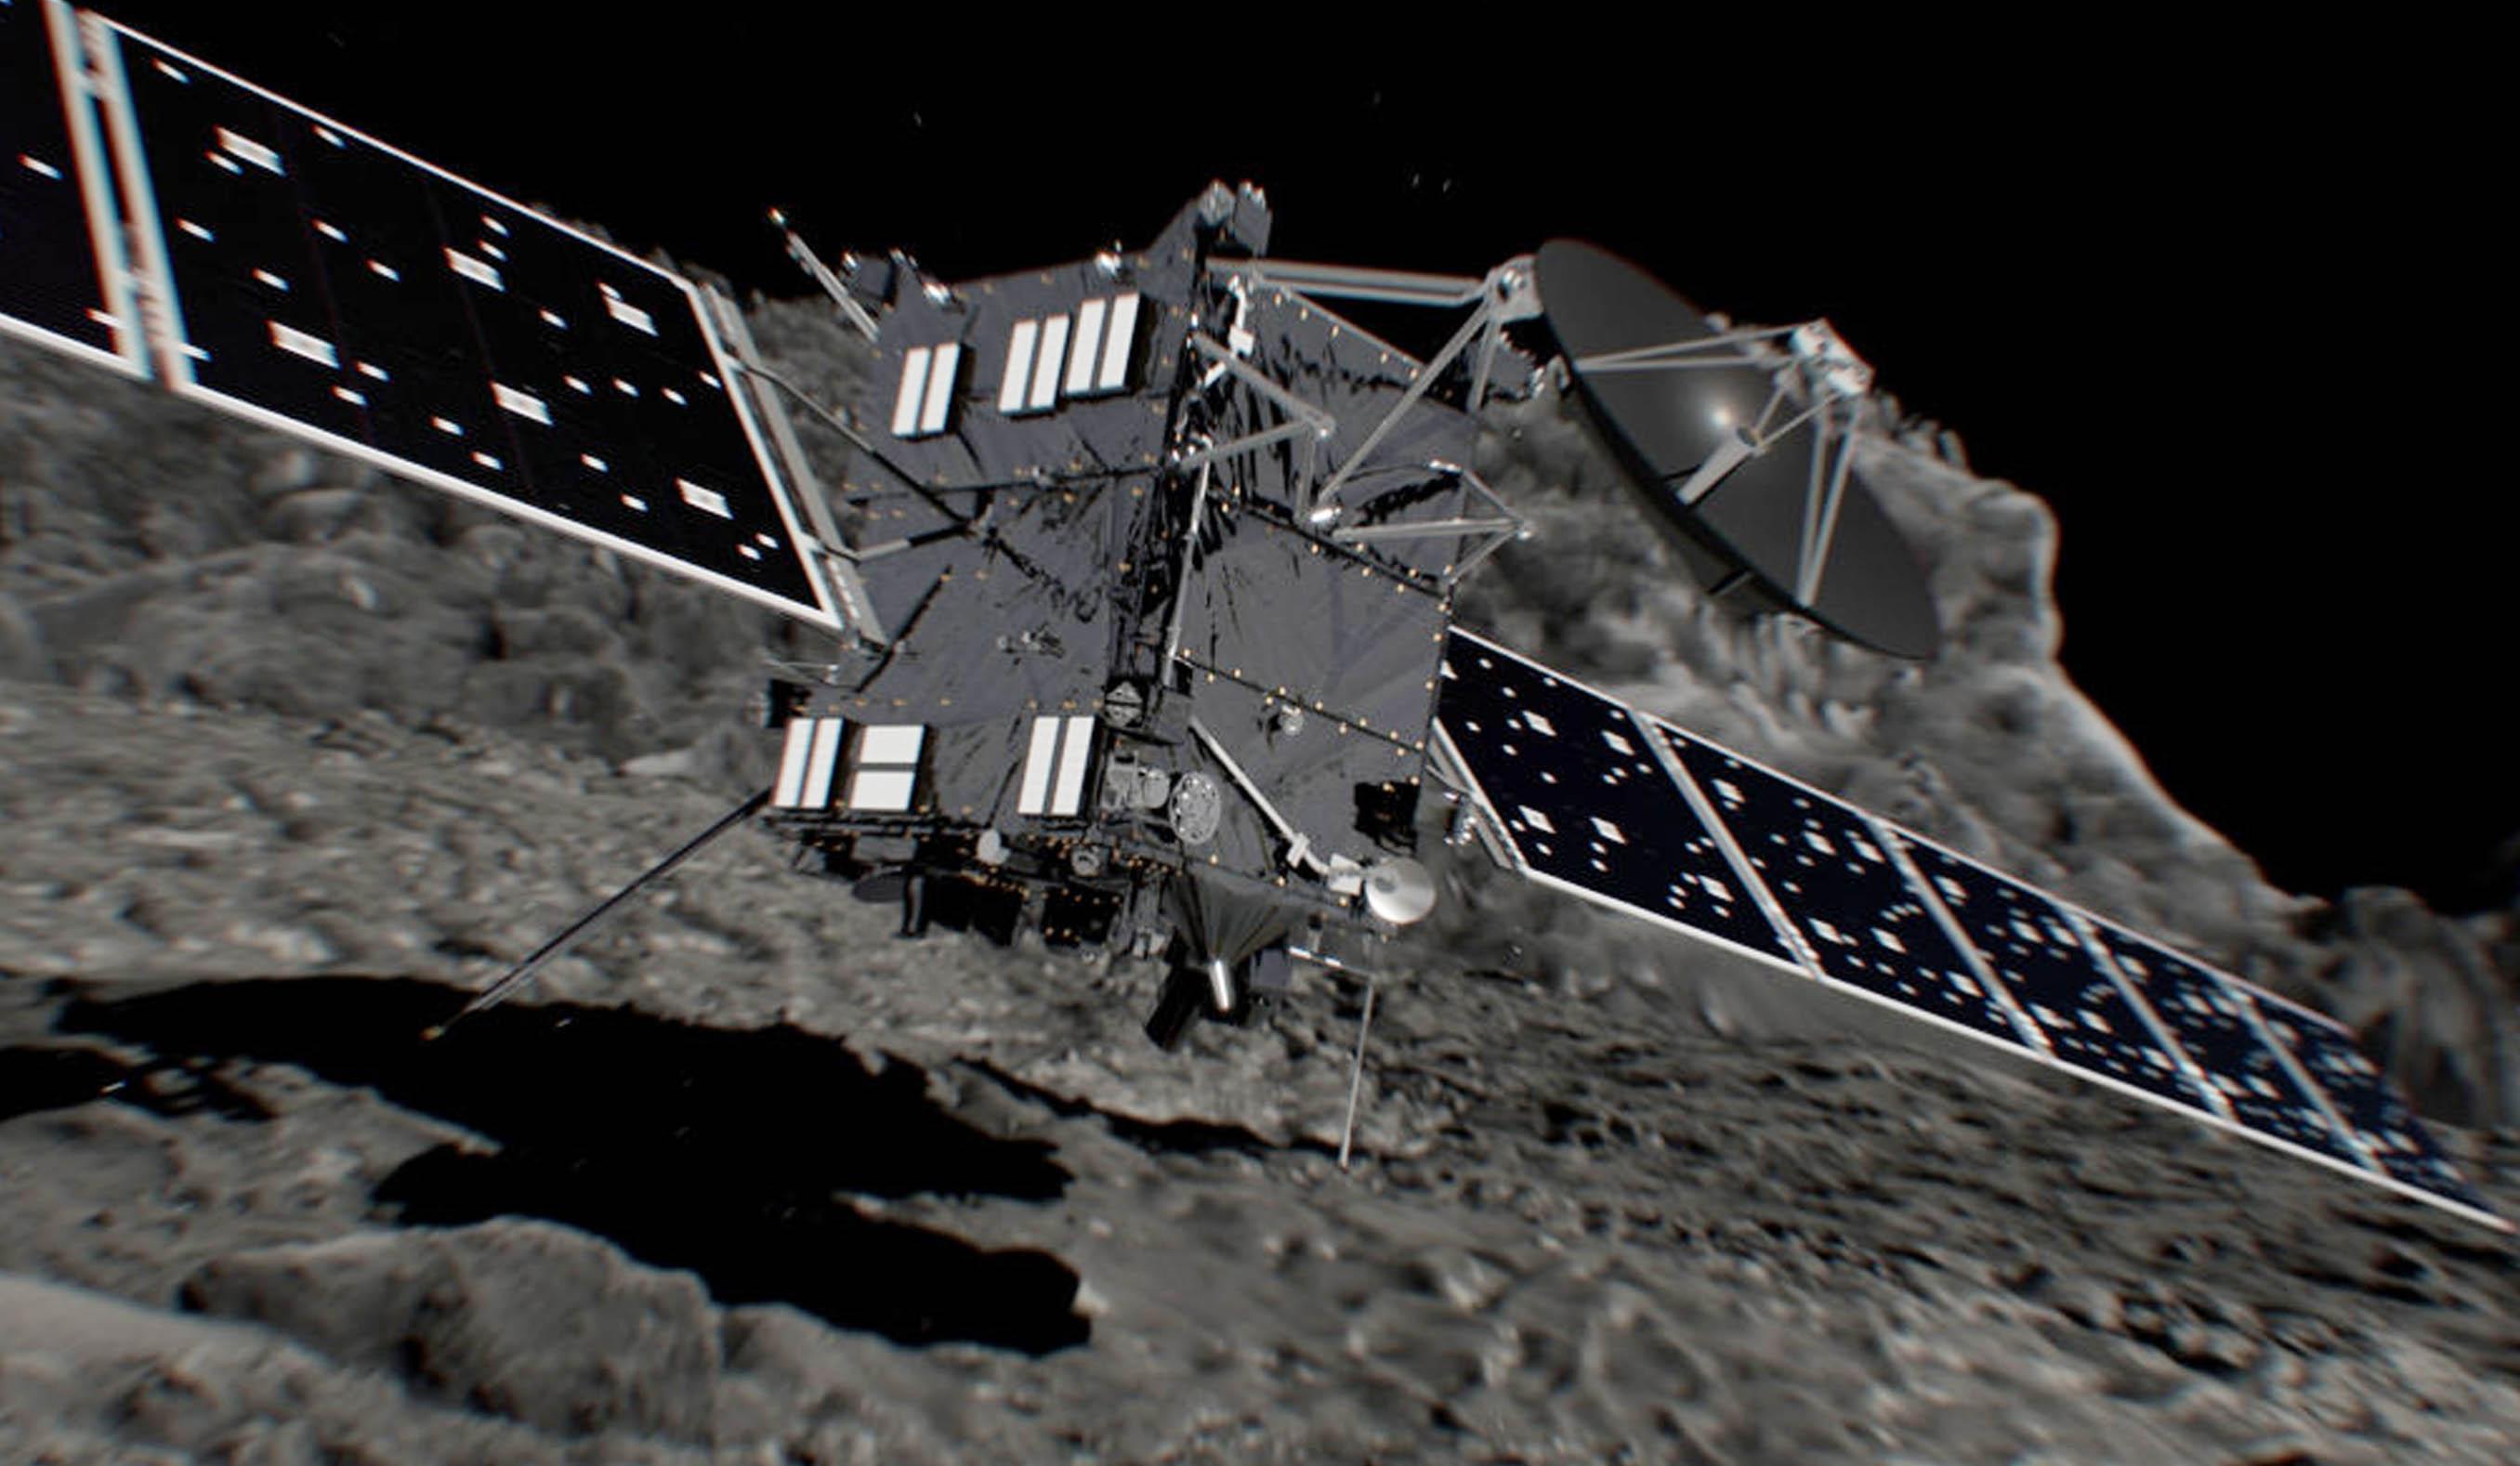 La misión espacial de la Agencia Espacial Europea finalizó este viernes con mucha emoción por parte de sus coordinadores